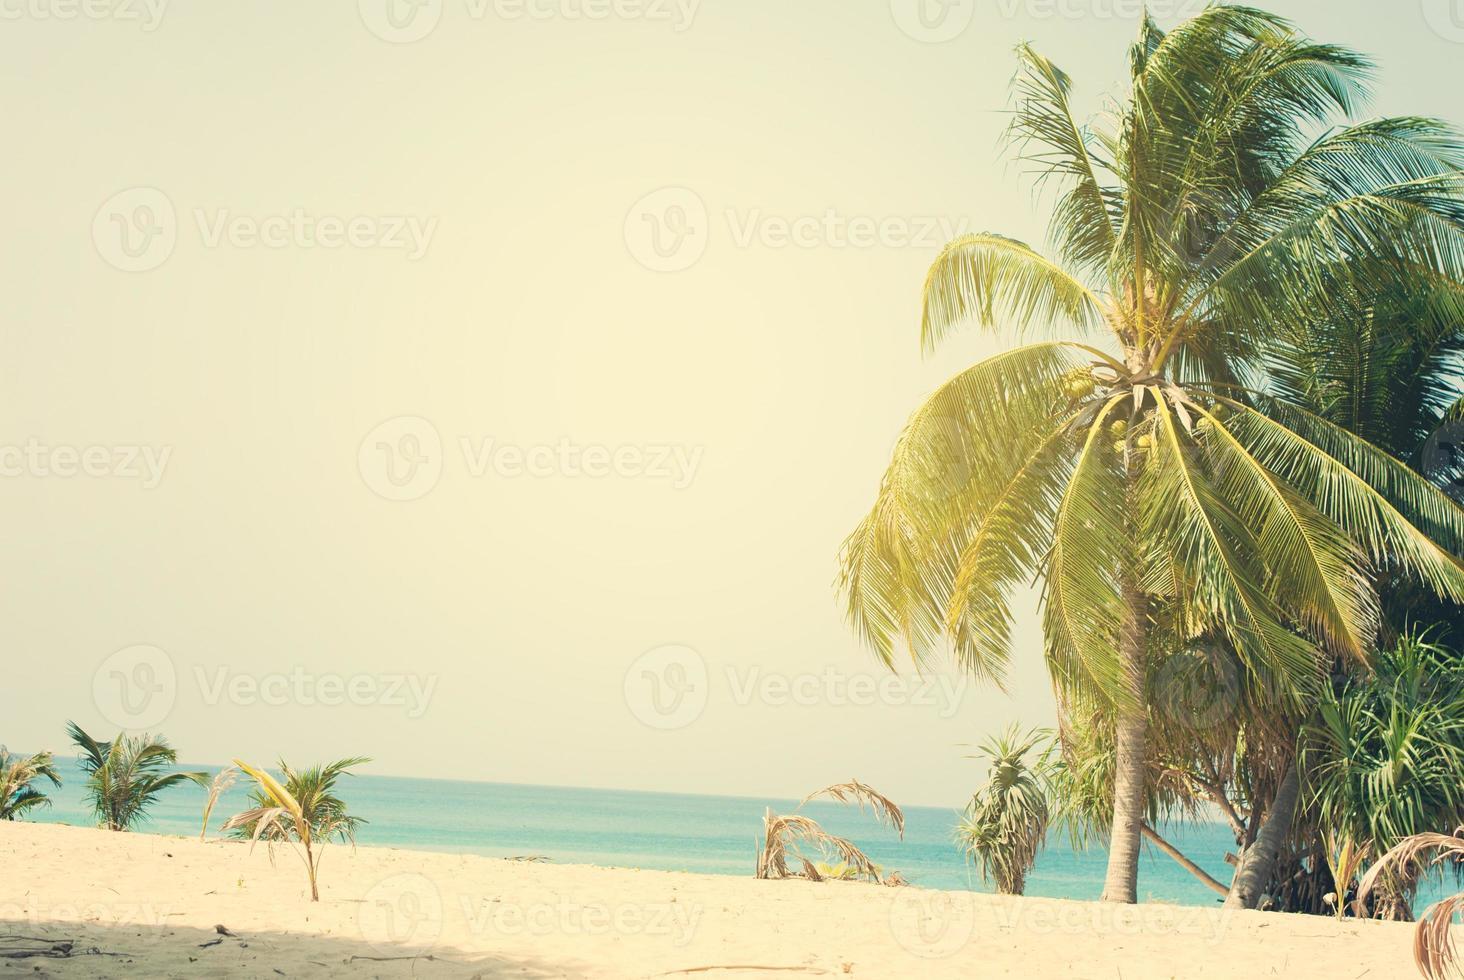 palmeras iluminadas por el sol en la costa tropical foto